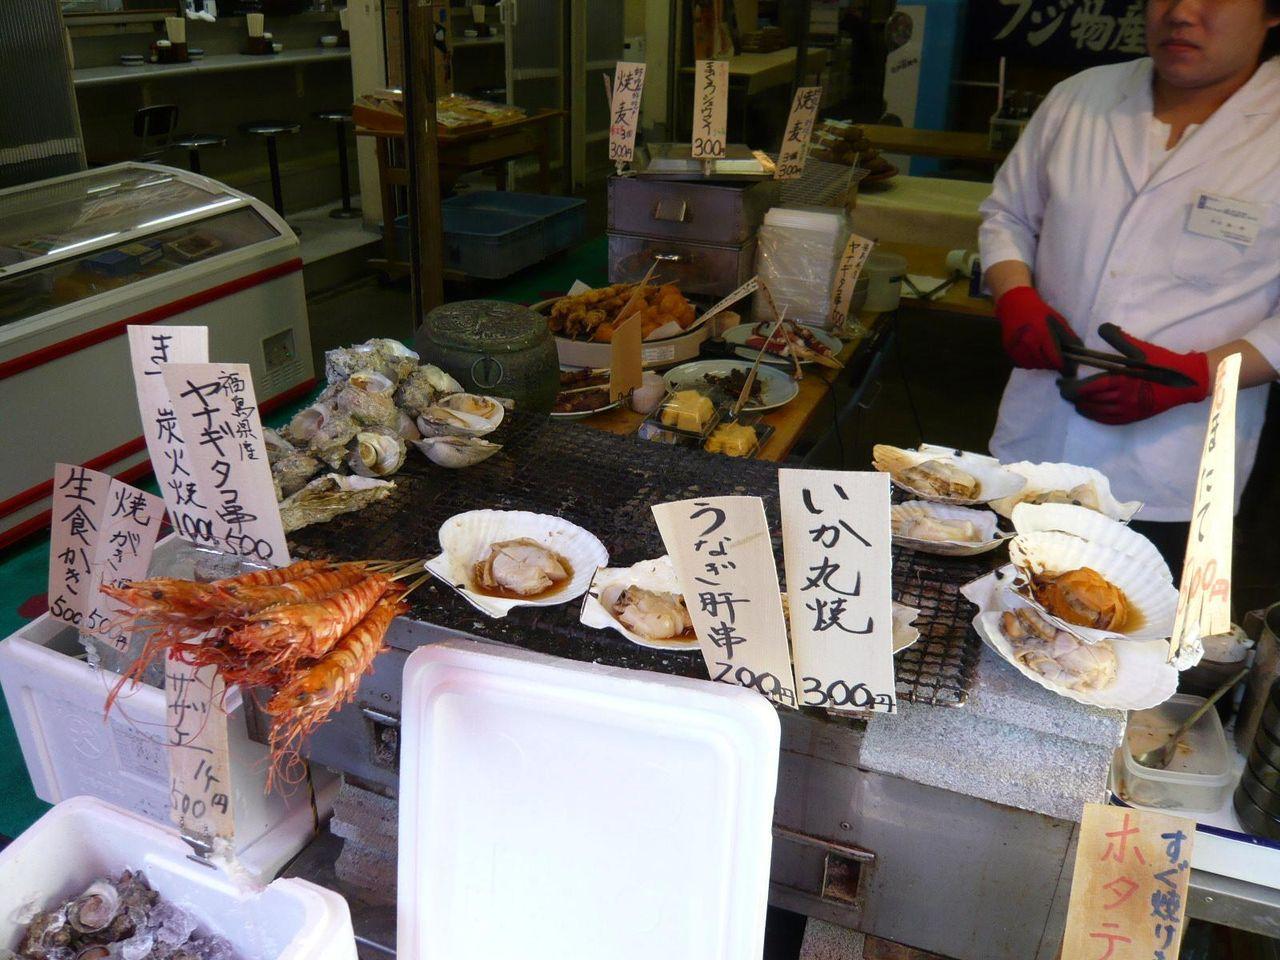 店頭では、炭火で焼いたサザエ、ホタテなどを販売!